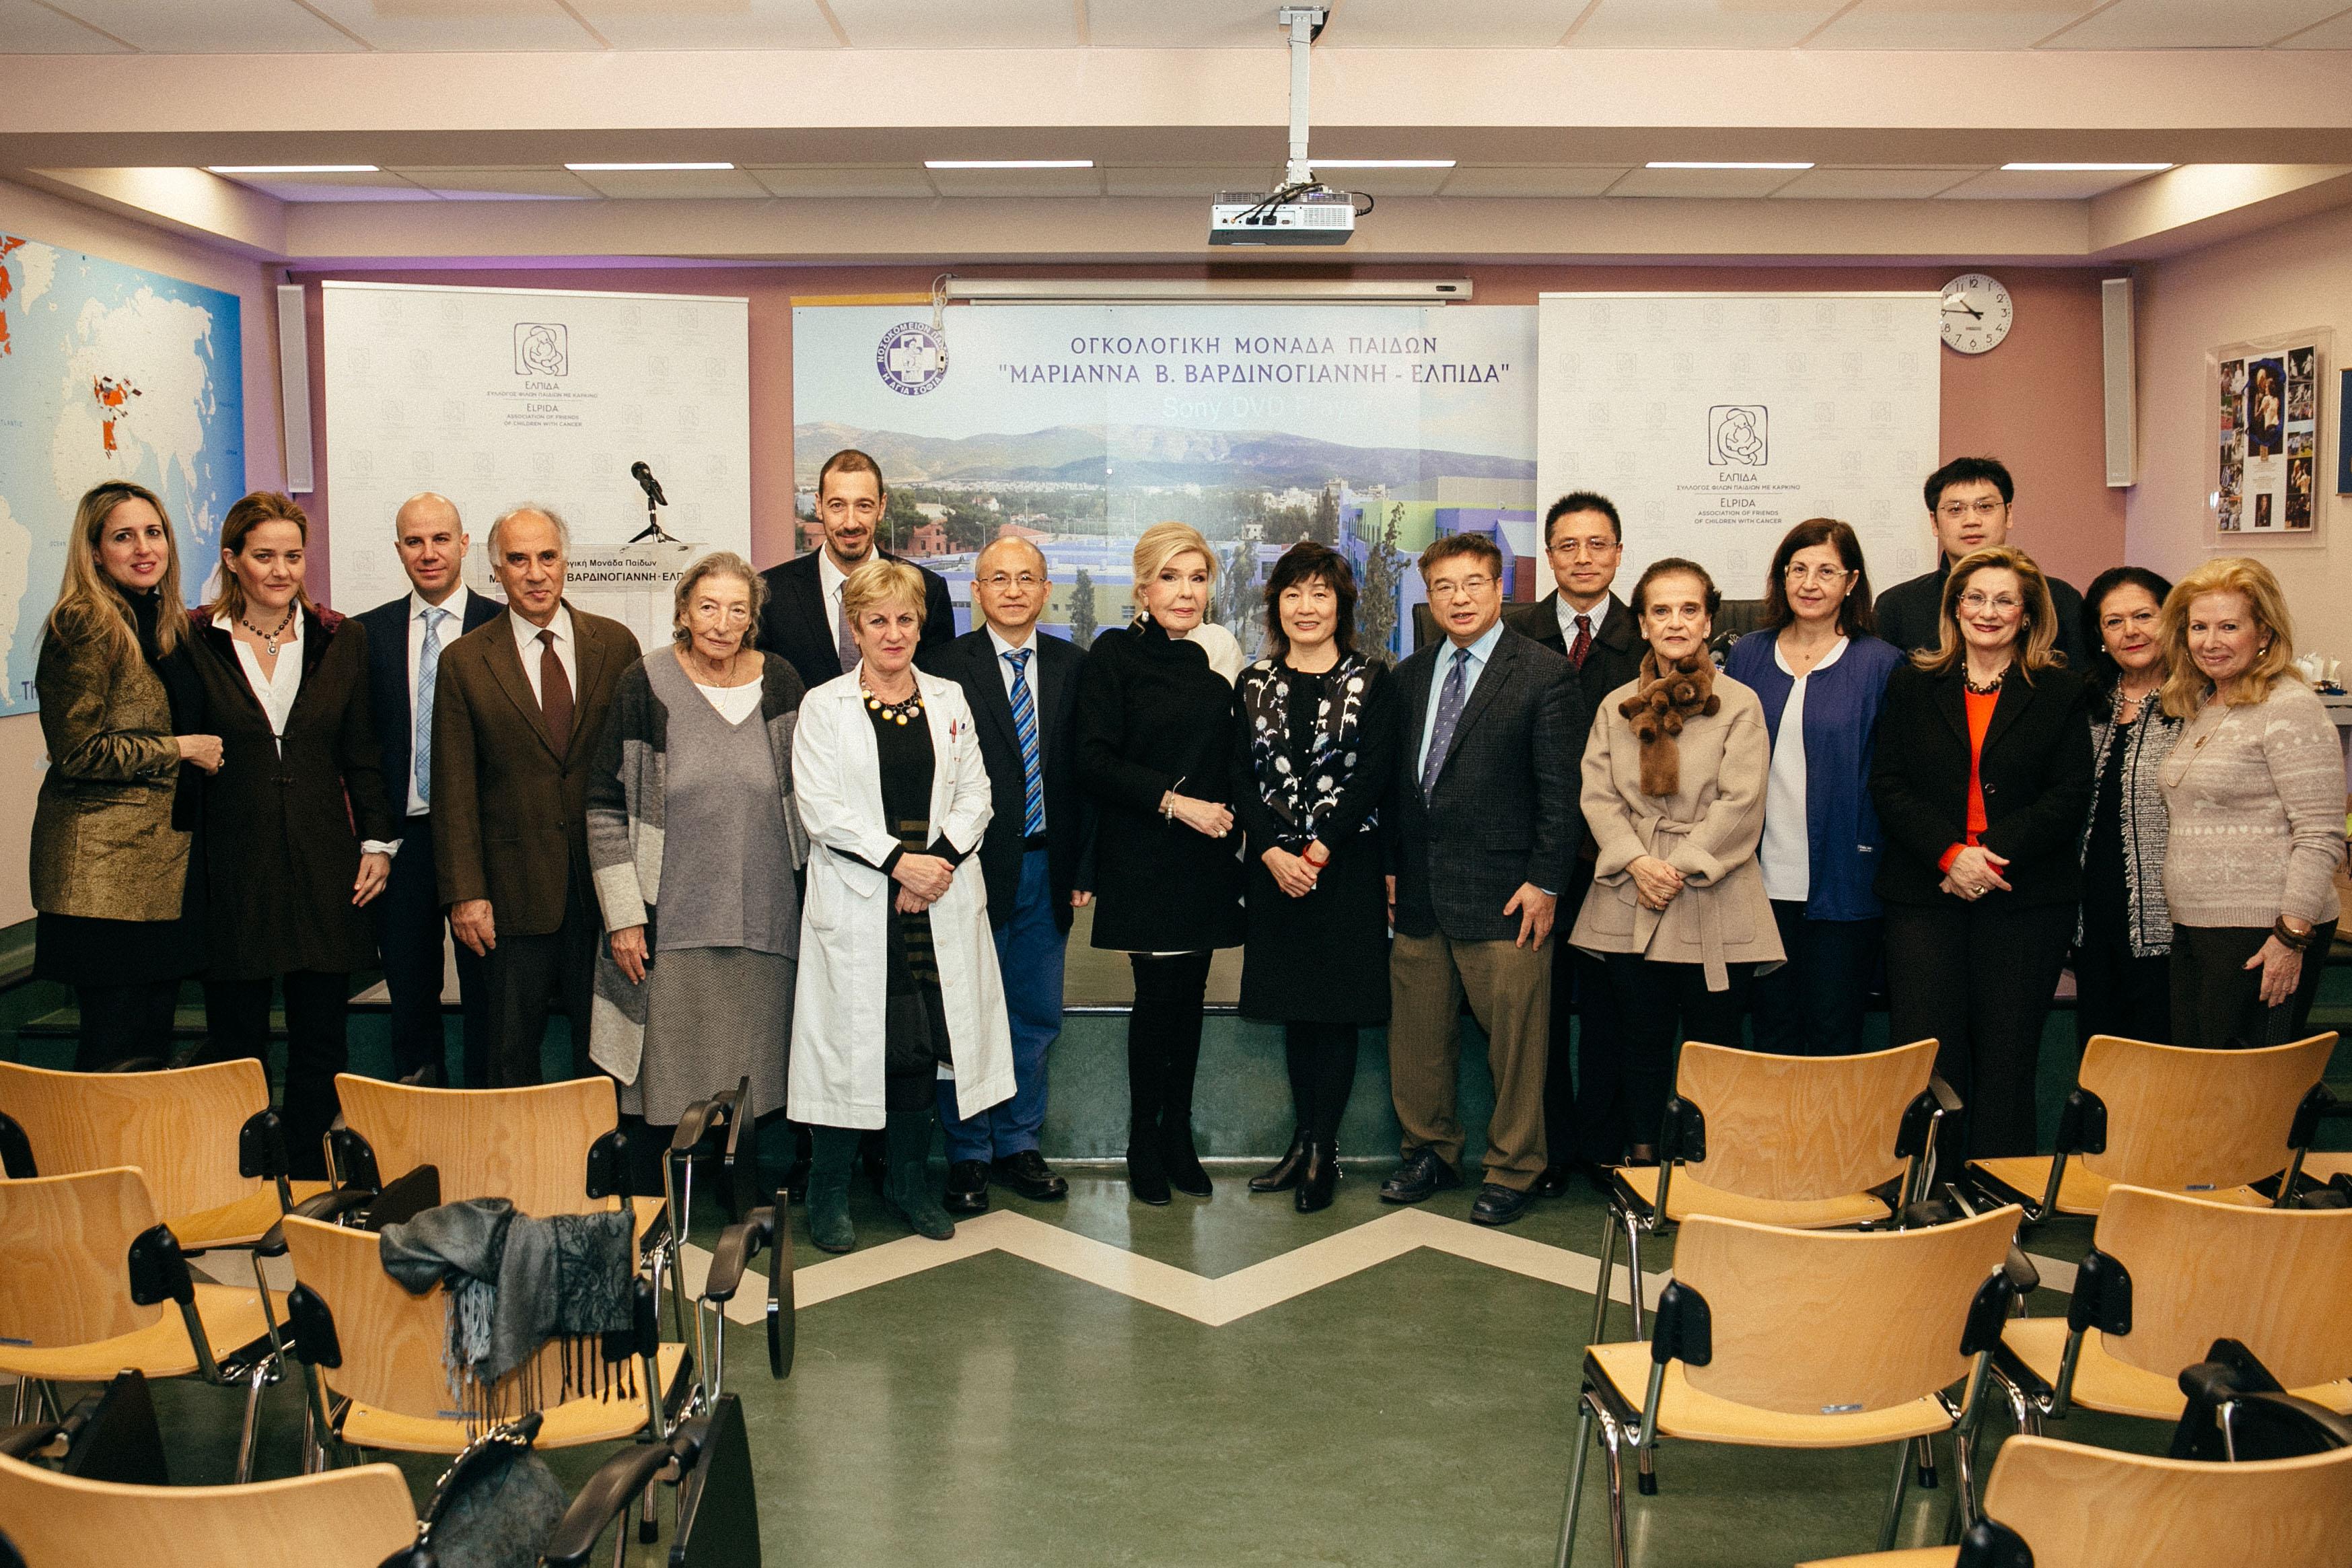 """Μέλη των ΔΣ των Συλλόγων """"ΕΛΠΙΔΑ"""" και """"ΟΡΑΜΑ ΕΛΠΙΔΑΣ"""" και μέλη του ιατρικού και νοσηλευτικού προσωπικού της Ογκολογικής Μονάδας με την αντιπροσωπεία της Ακαδημίας της Κίνας"""